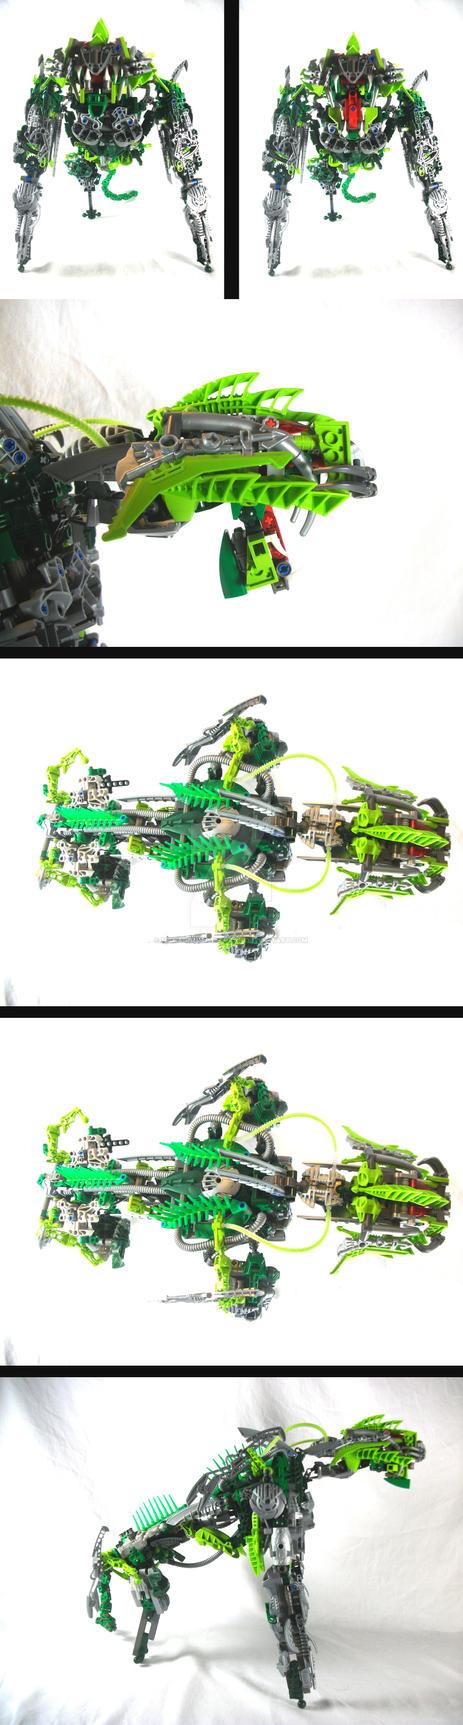 Bionicle MOC: Rahi WIP by 3rdeye88